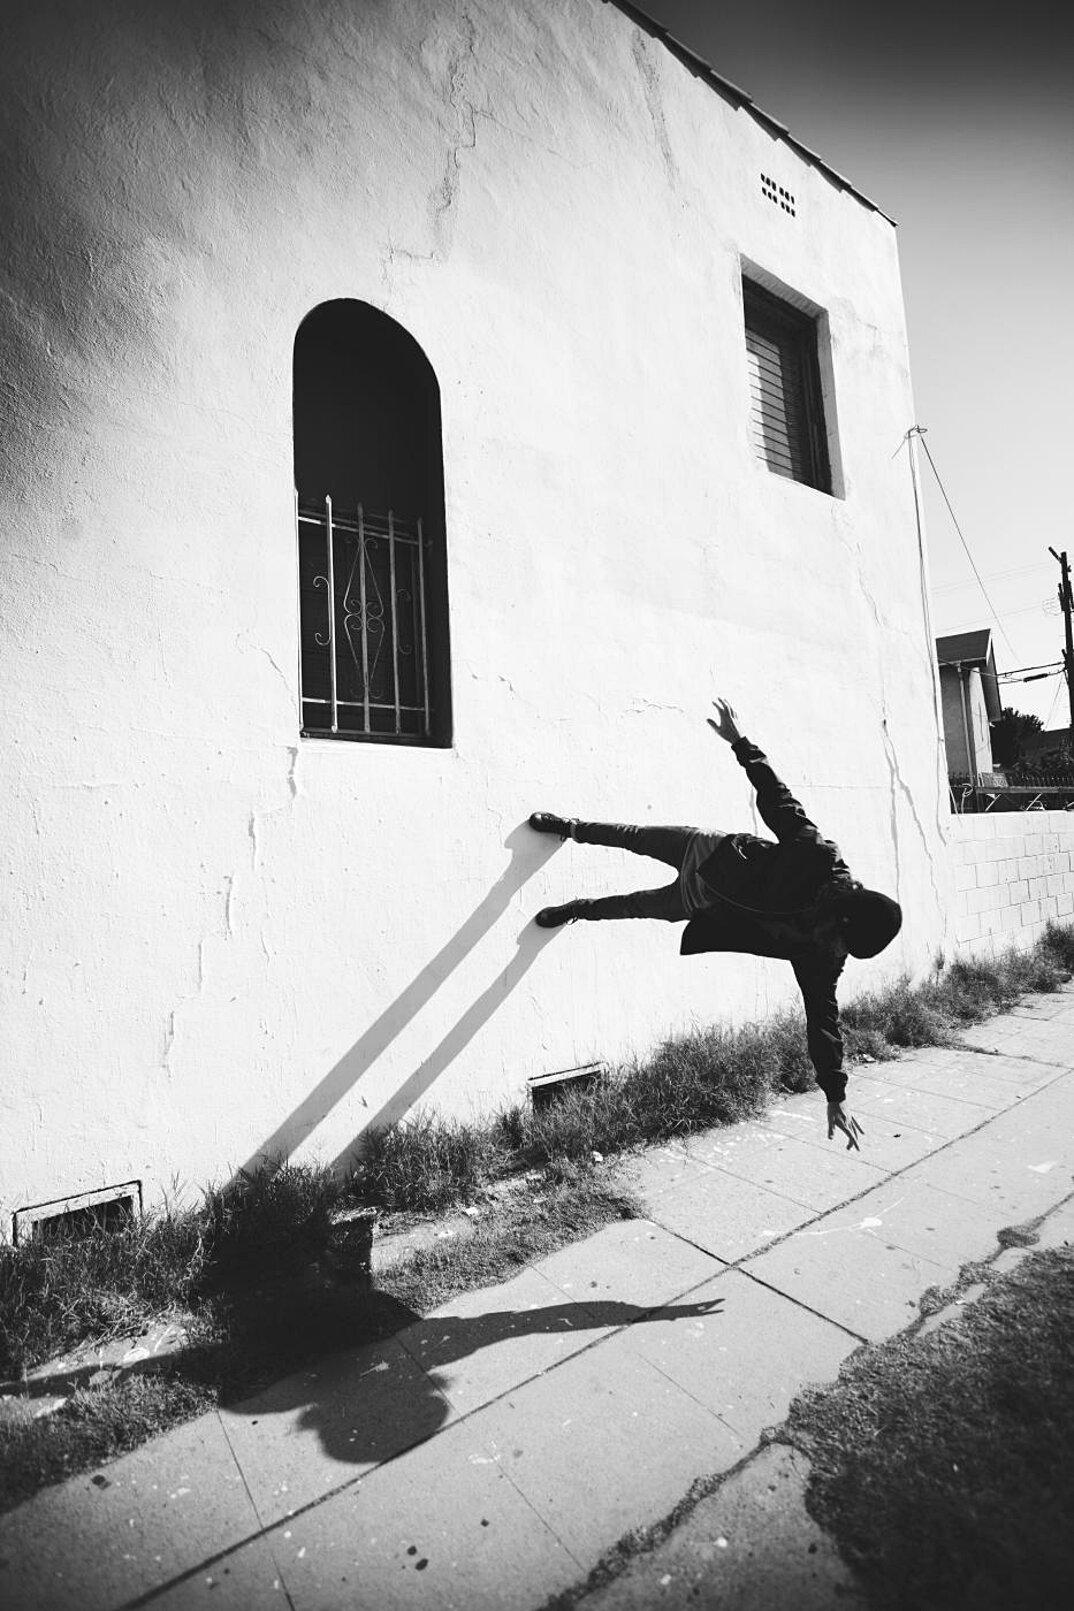 fotografia-grottesca-surreale-gravita-mike-dempsey-17